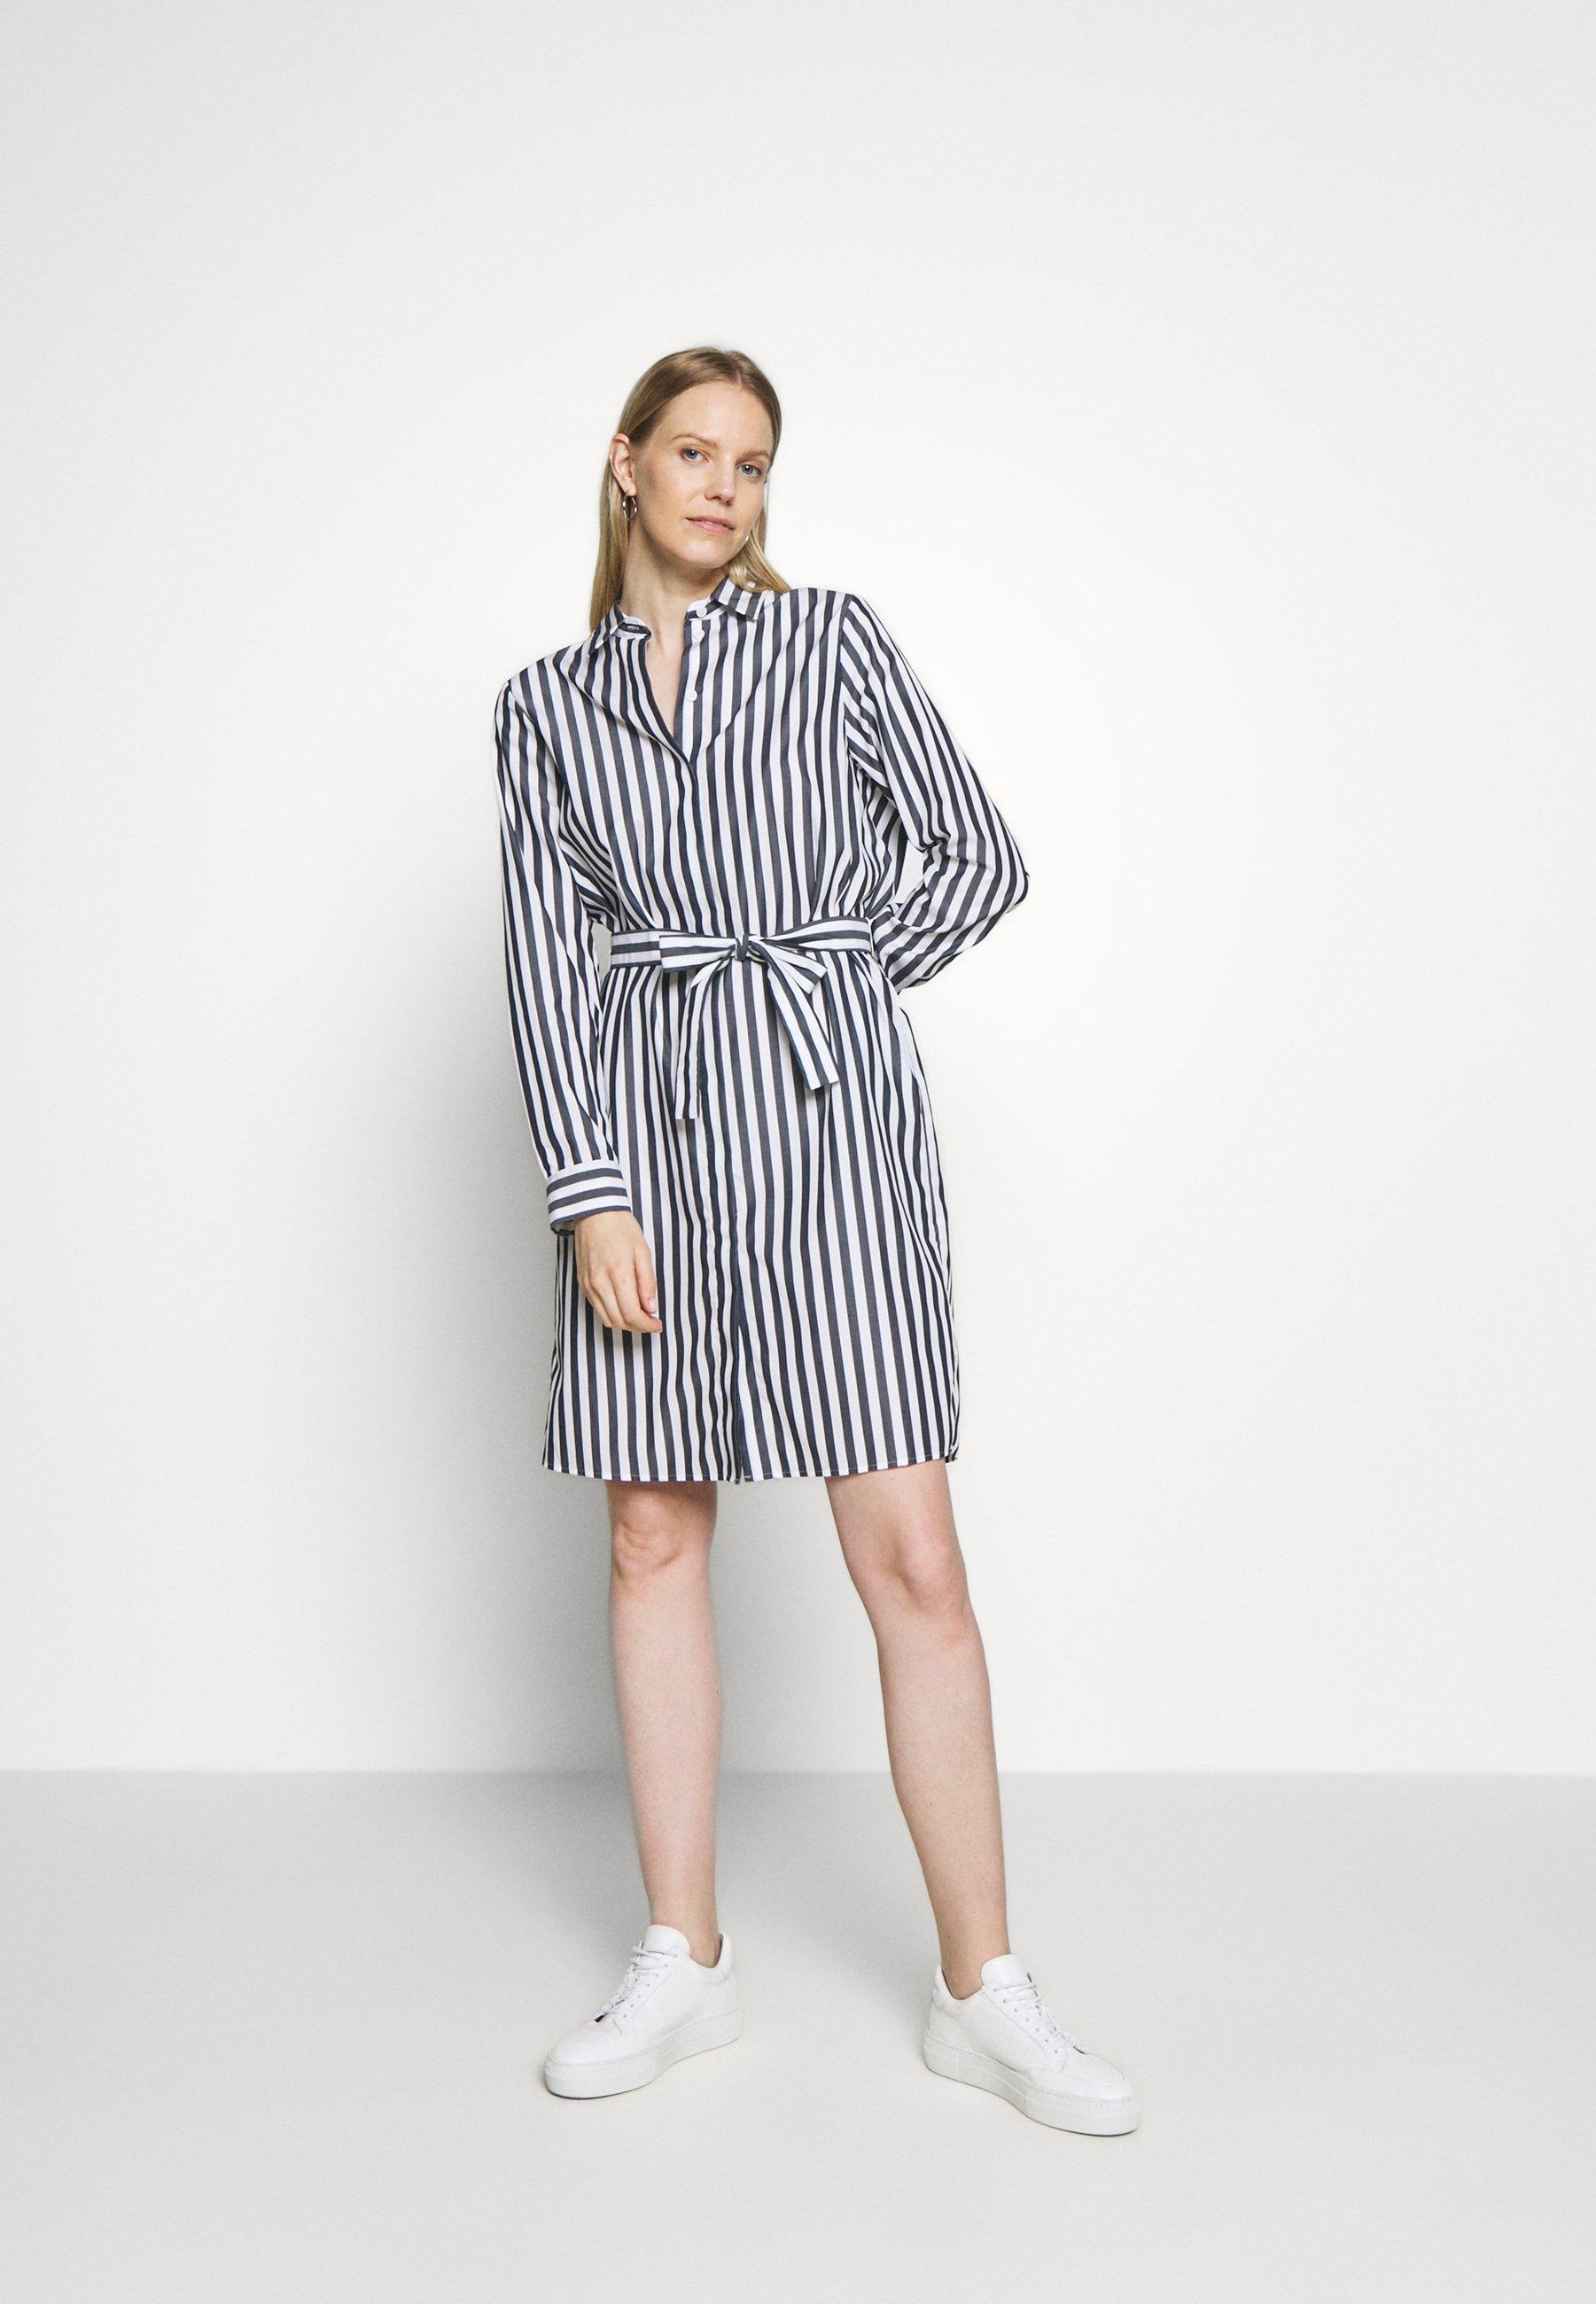 Outlet Women's Clothing Seidensticker Shirt dress navy Mgc6nVEkC